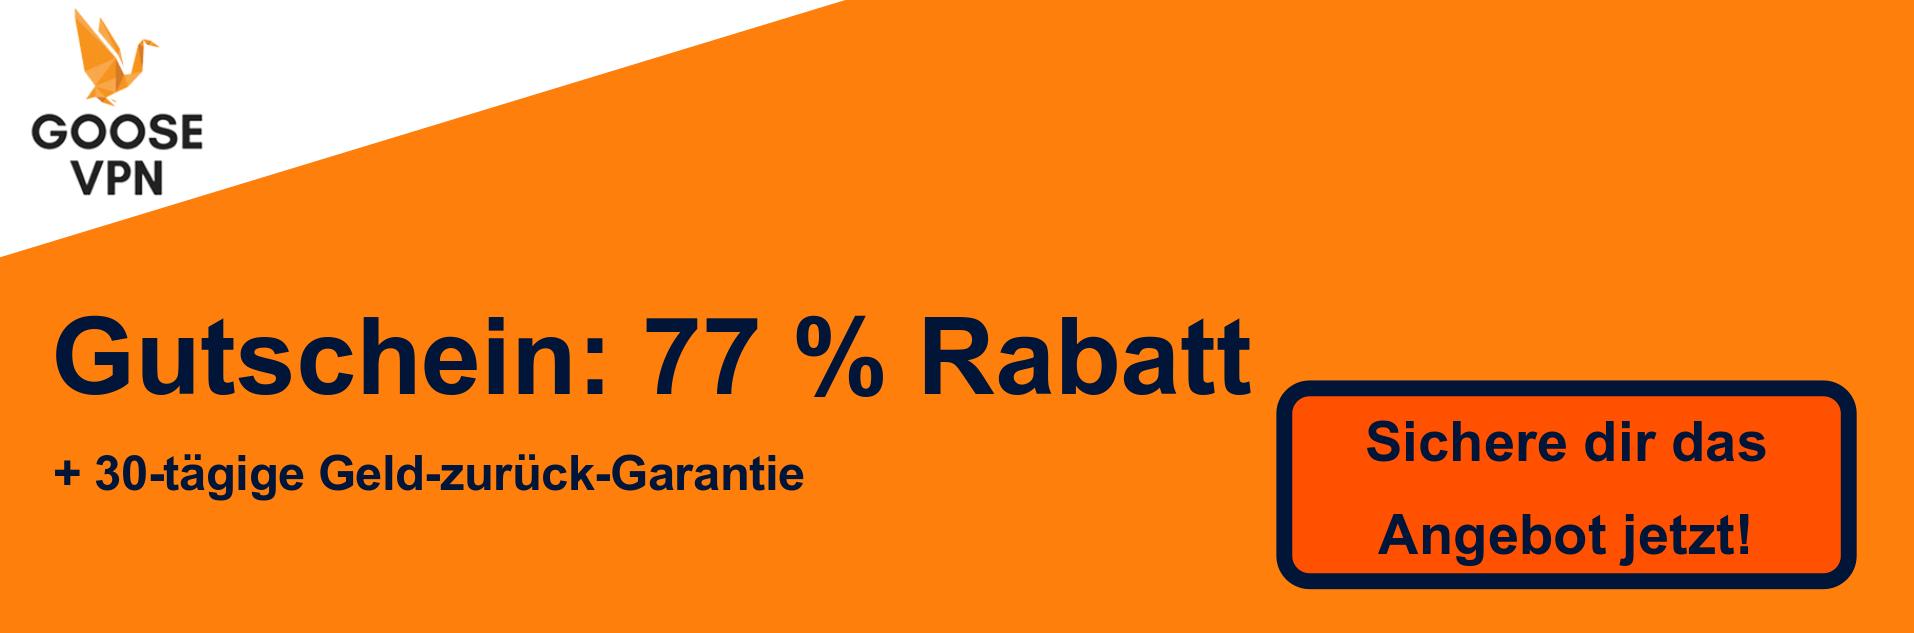 GooseVPN Gutschein Banner - 77% Rabatt